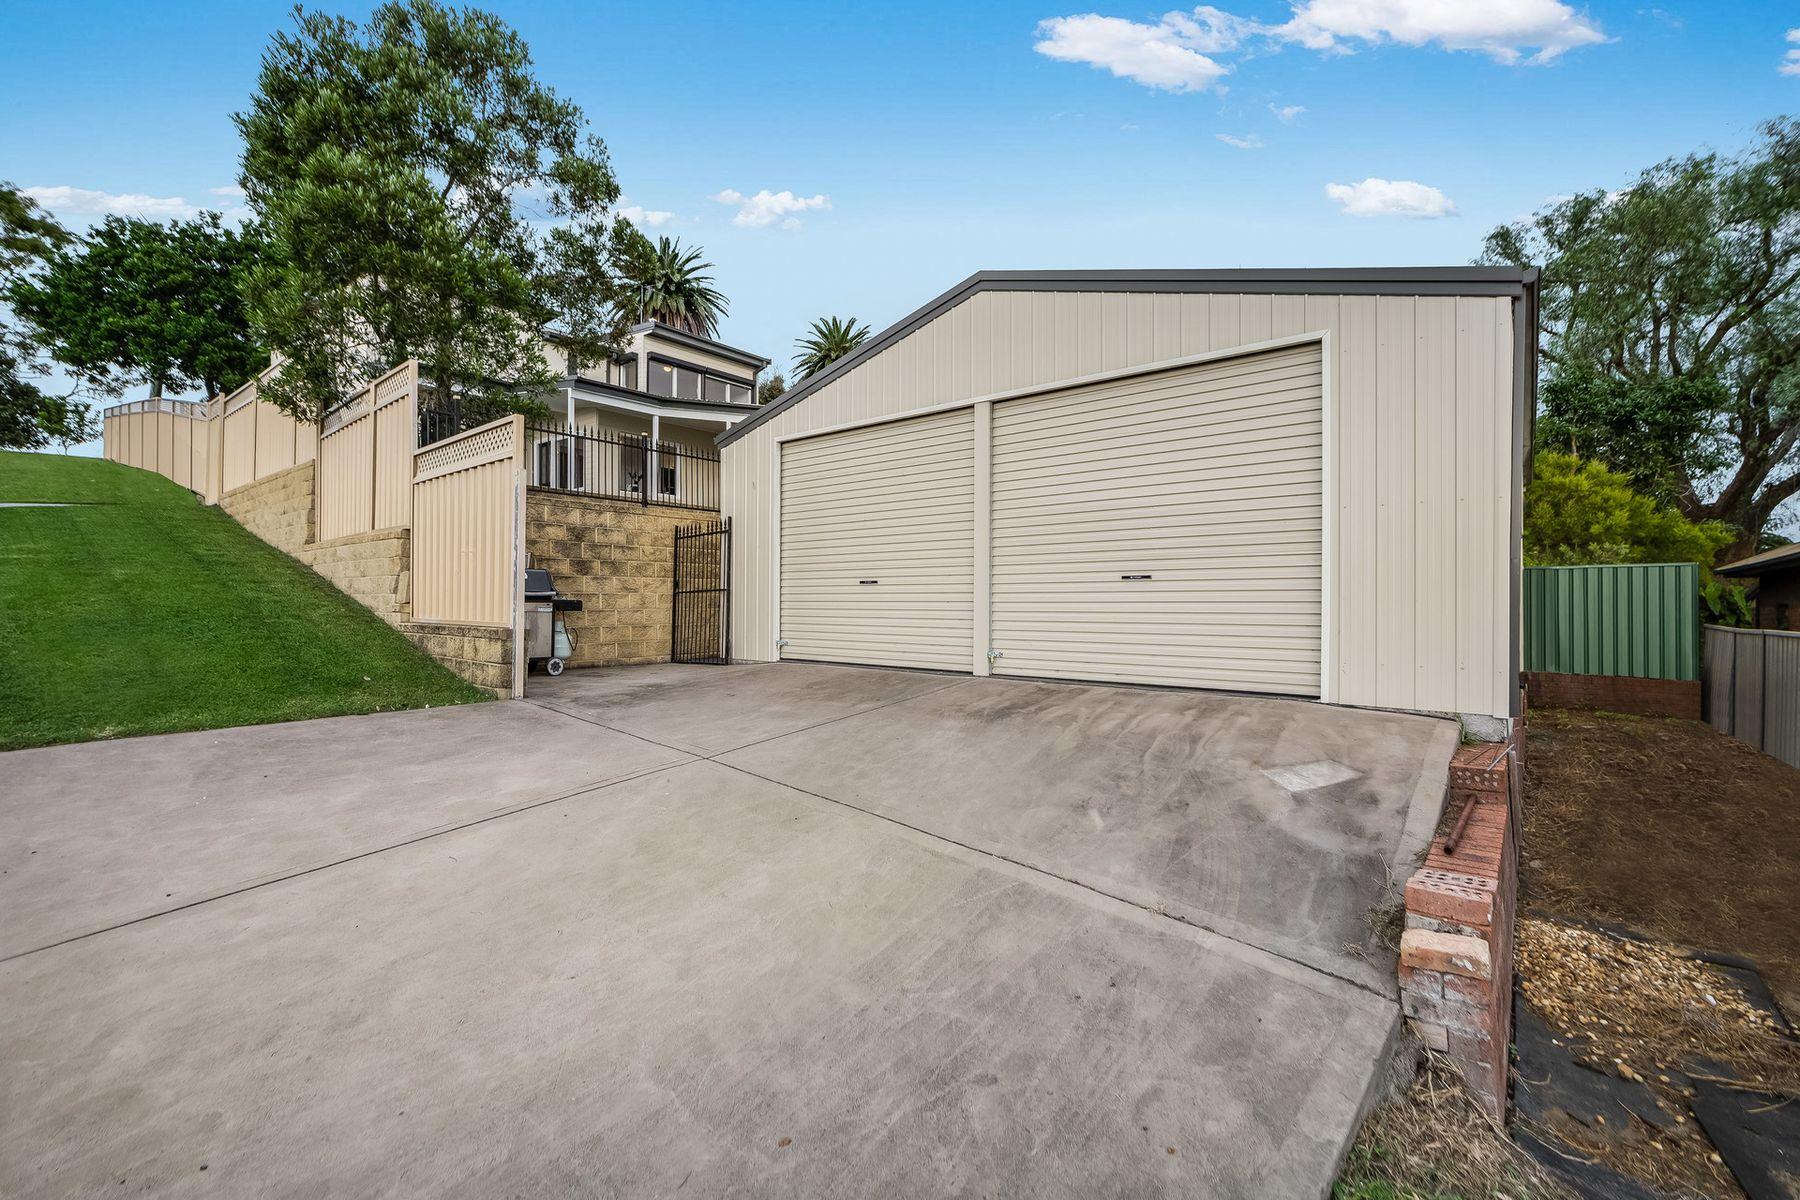 74 Crebert Street, Mayfield, NSW 2304